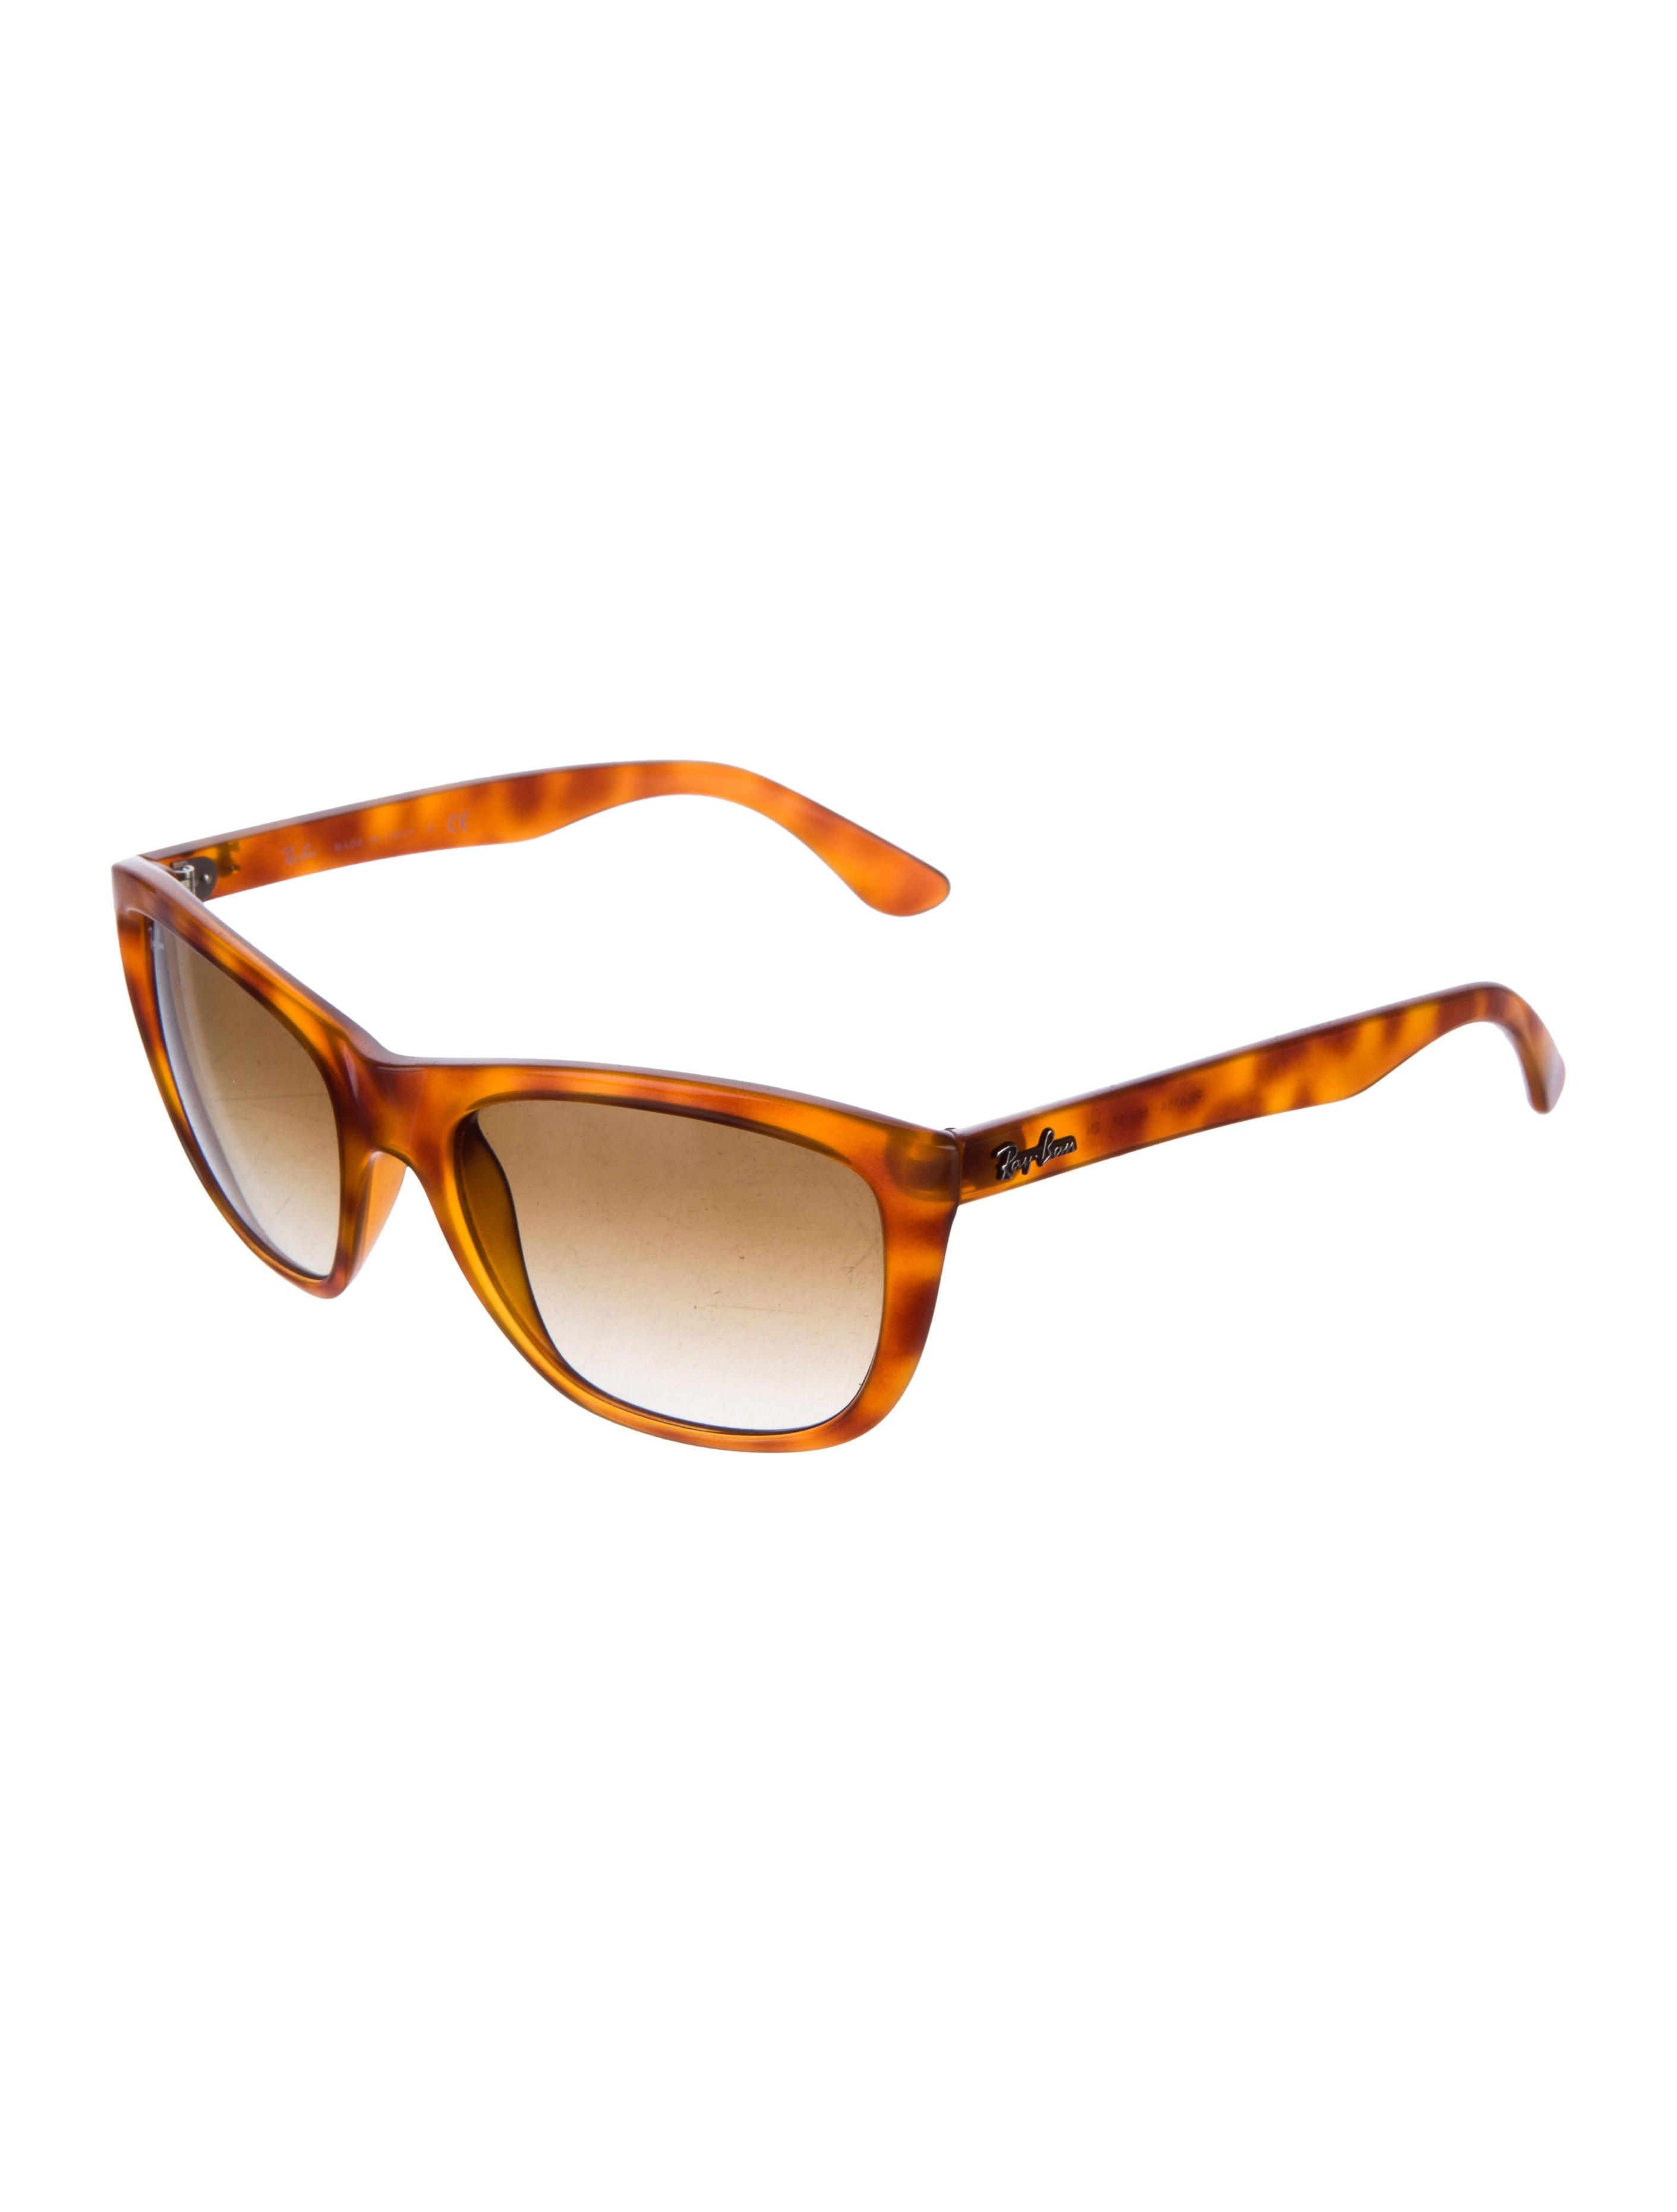 3603e02c42c Ray Ban Leopard Sunglasses « Heritage Malta